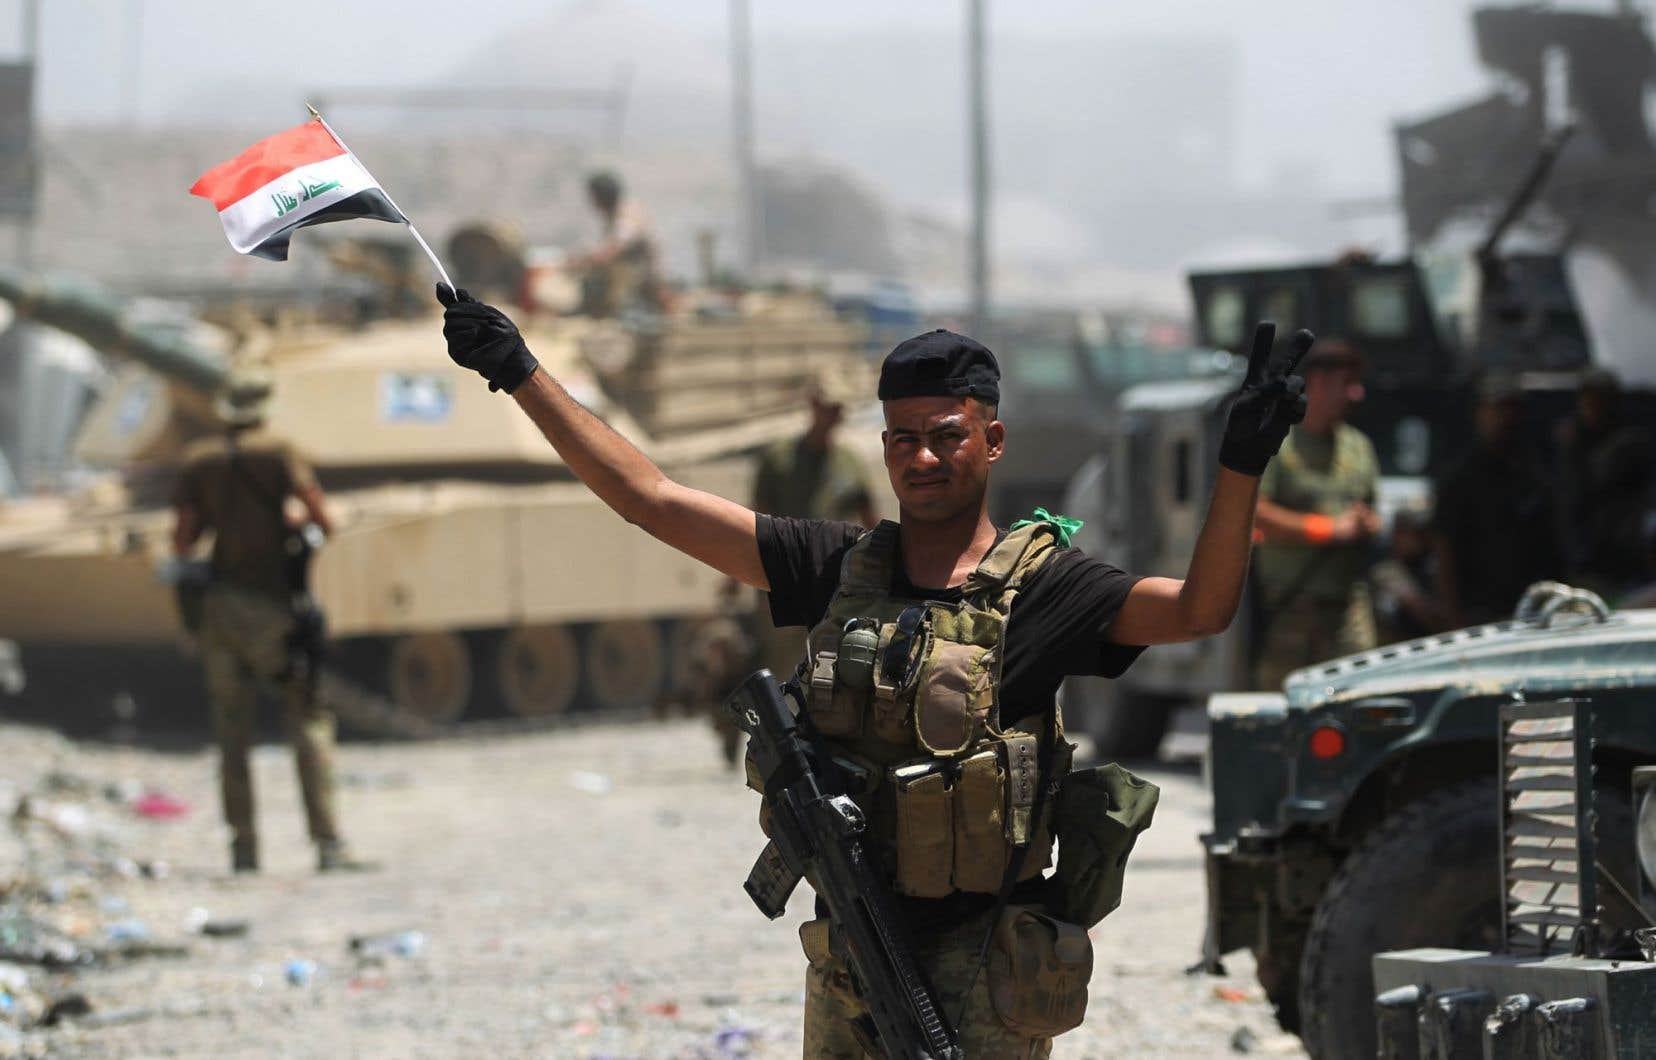 La fin des combats à Mossoul ne marquera pas la disparition du groupe EI, qui contrôle encore des secteurs en Irak et des territoires dans l'est et le centre de la Syrie.